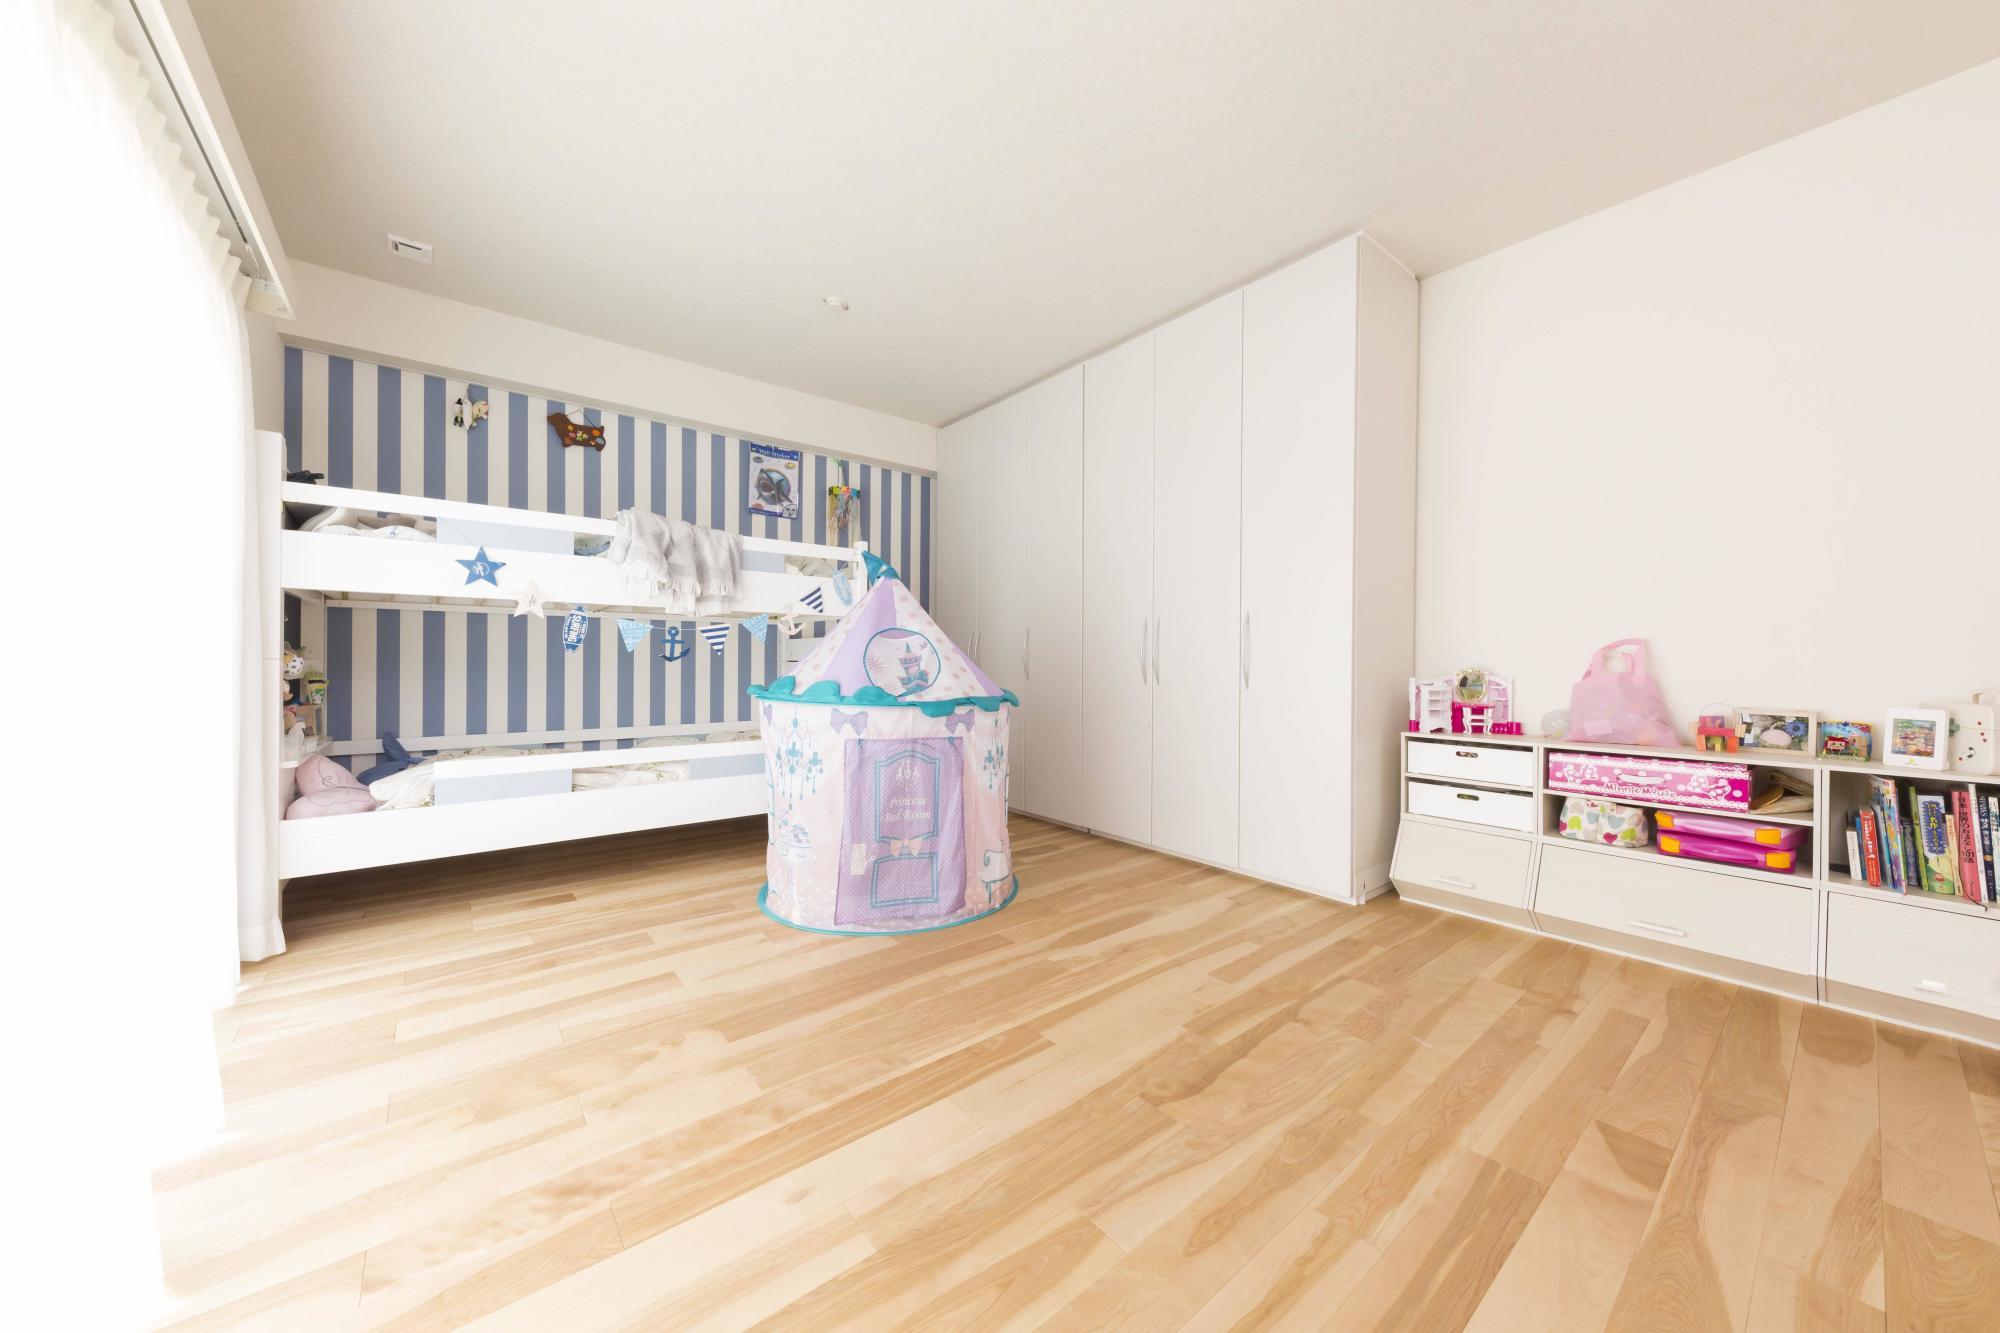 広々とした空間に、ストライプの壁紙でアクセントを加えた子供部屋。2段ベッドを置いても余裕のスペース。身体を動かすのが大好きなお子様はトランポリンをしたり、走り回ったりして楽しんでいるそう。大きくなって個室が欲しくなった時は、壁際にある稼働式のクローゼットを動かして、部屋を2つに分けることもできます。